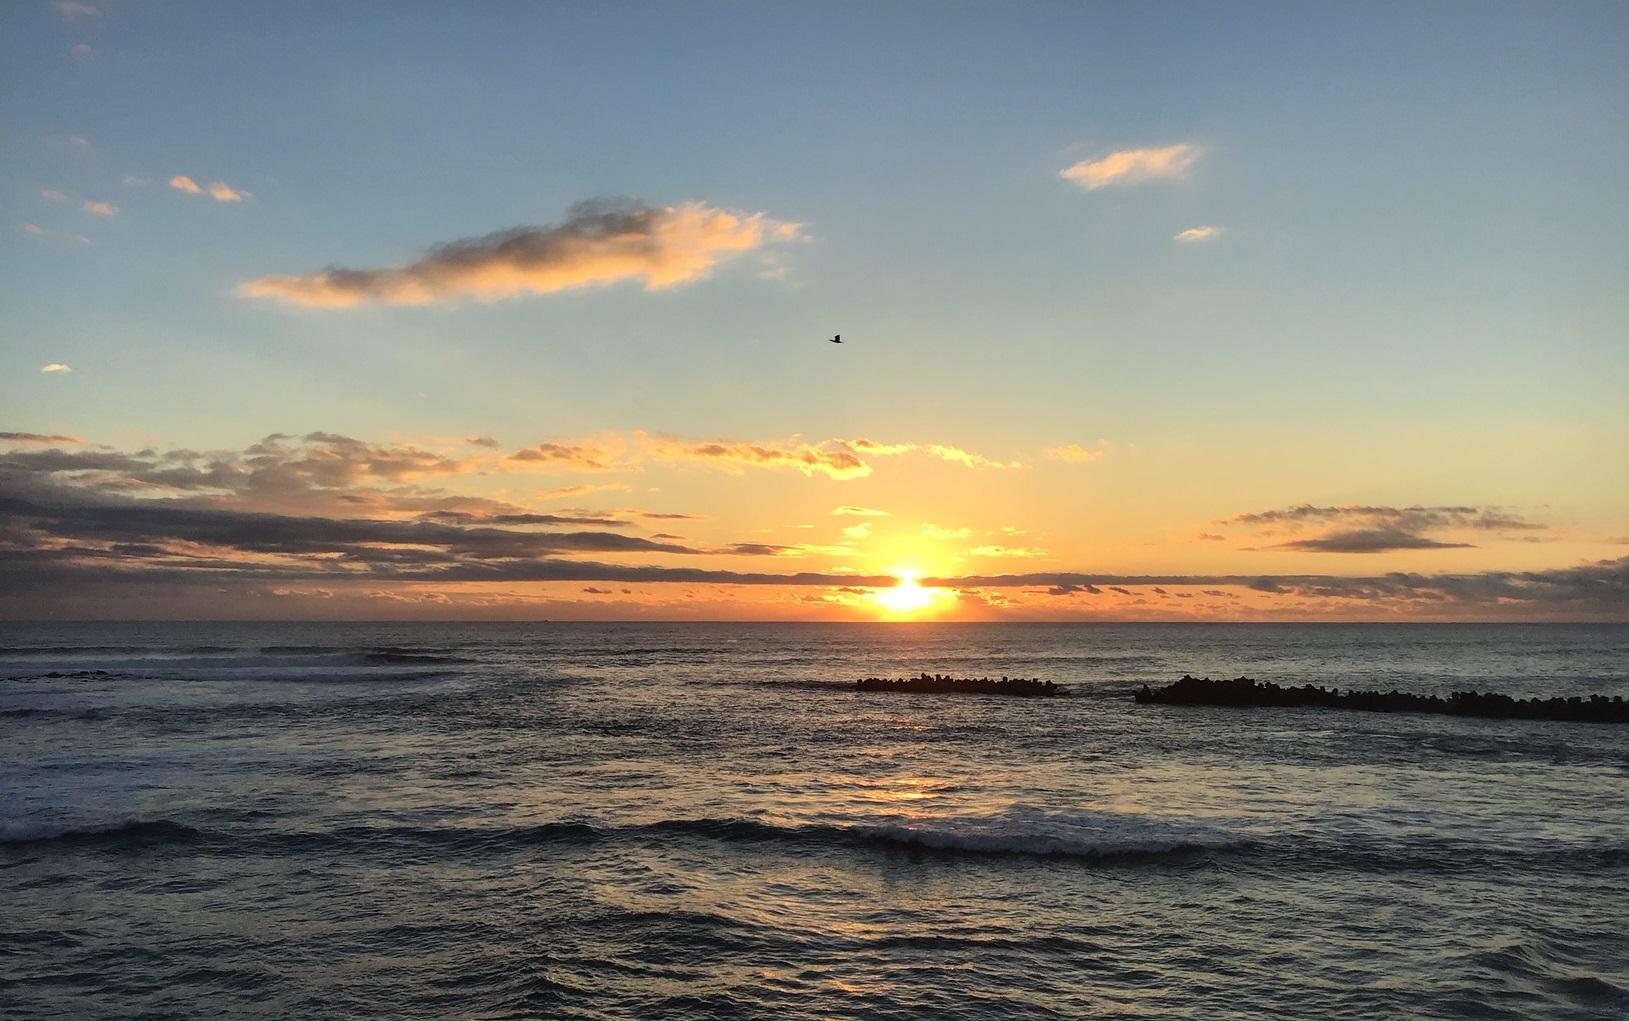 荒波の朝日